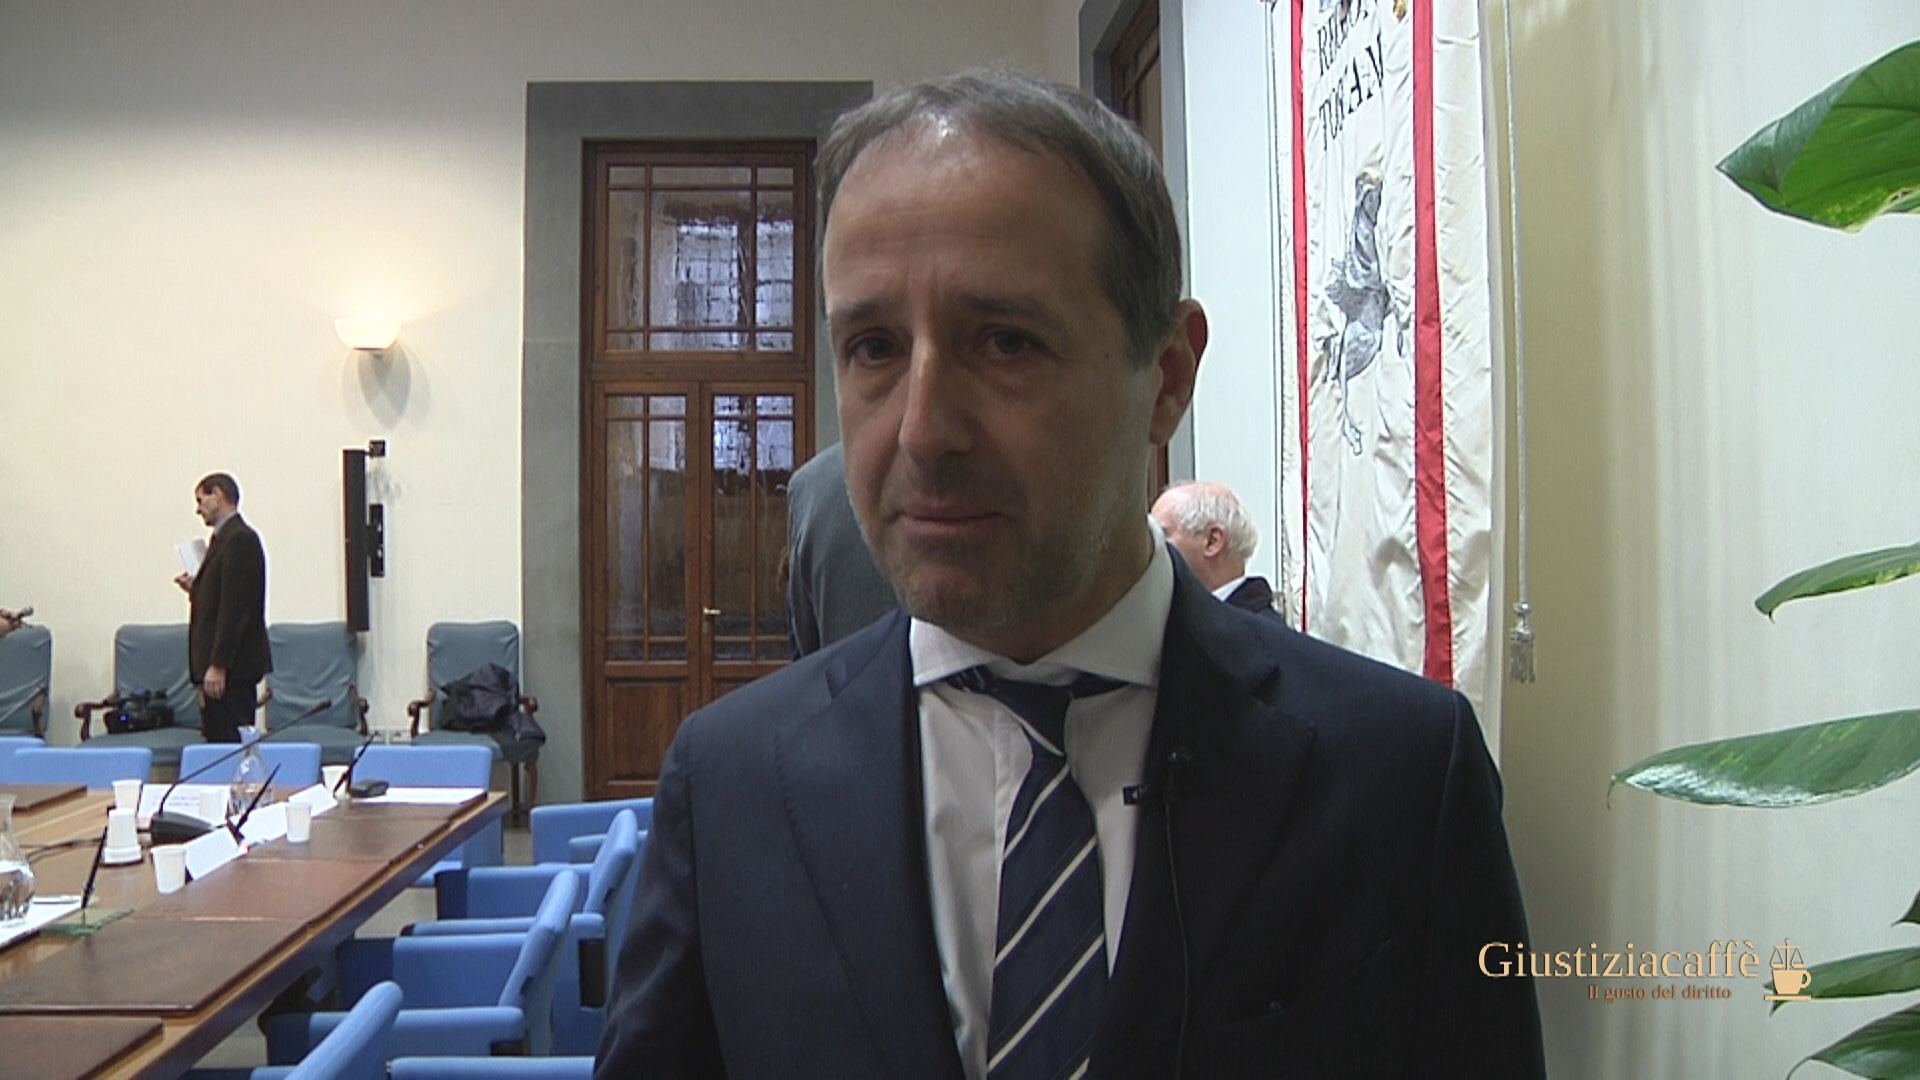 Albo CTU: Carlo Poli, Presidente Camera Civile di Firenze su nuove regole per iscrizione e permanenza Albo